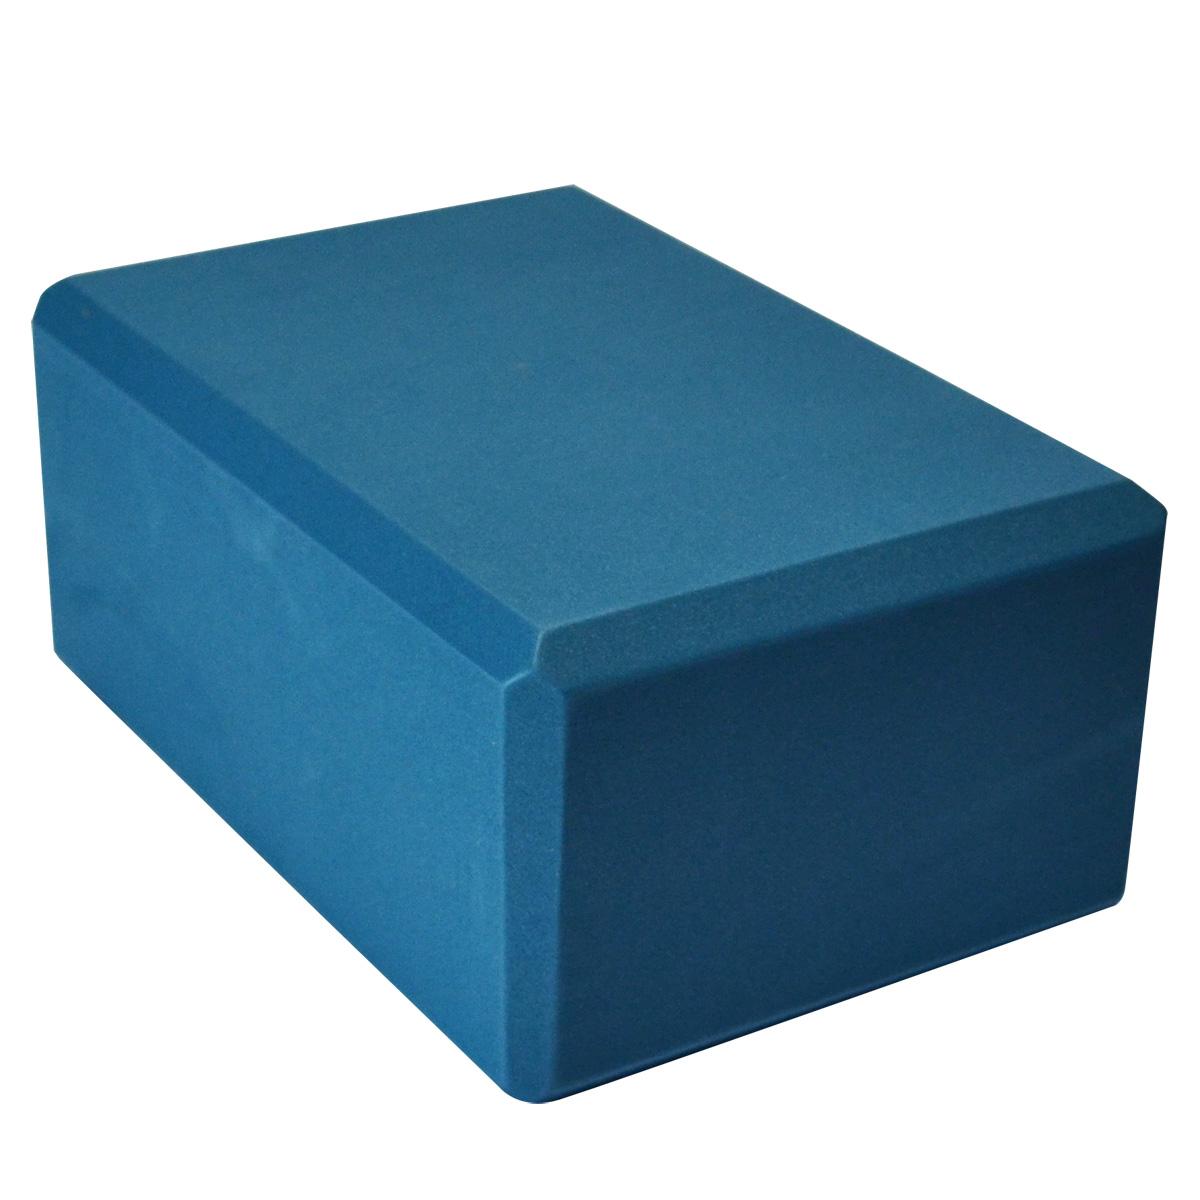 Foam Yoga Block 4 Quot X 6 Quot X 9 Quot Yoga Direct